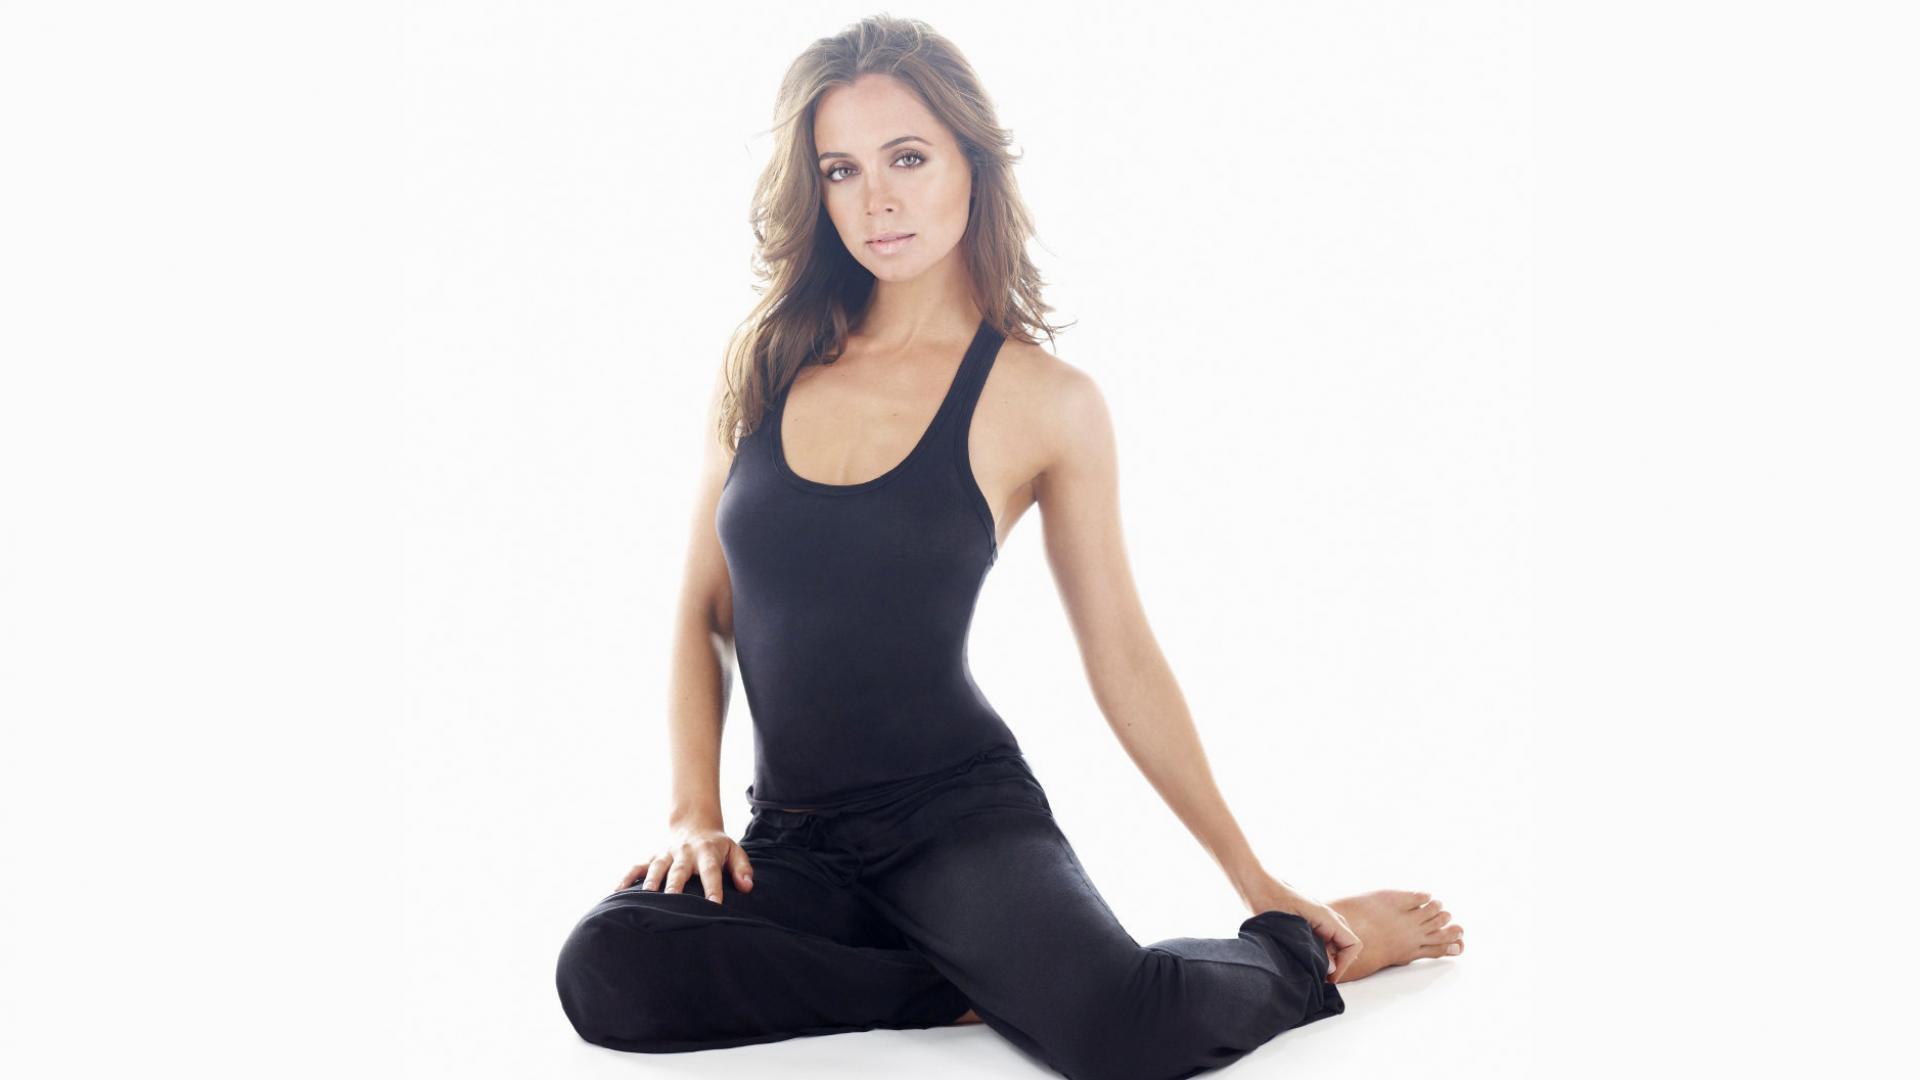 Очень красивое порно с фитнес тренером